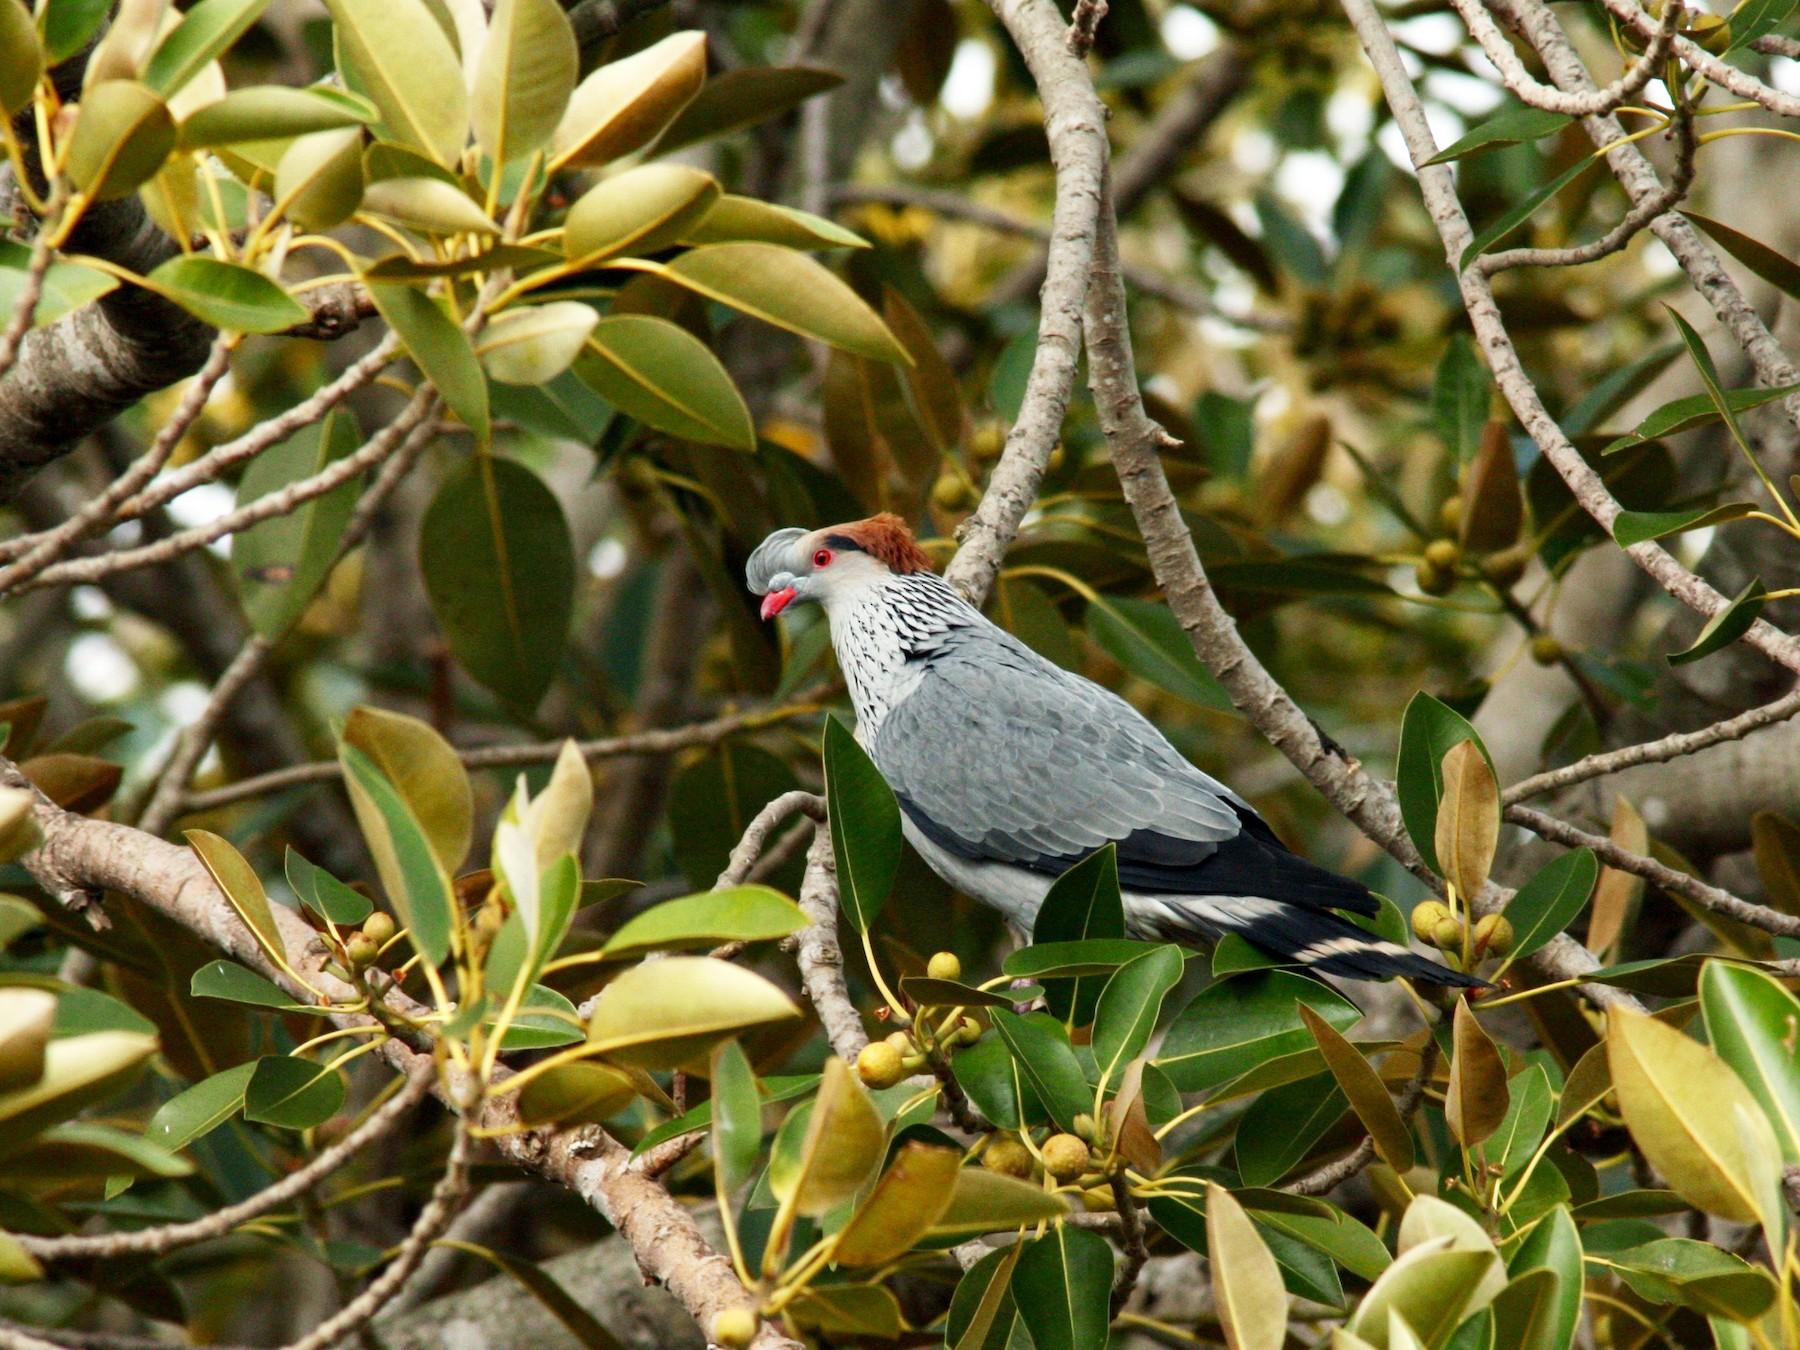 Topknot Pigeon - Reuben Worseldine